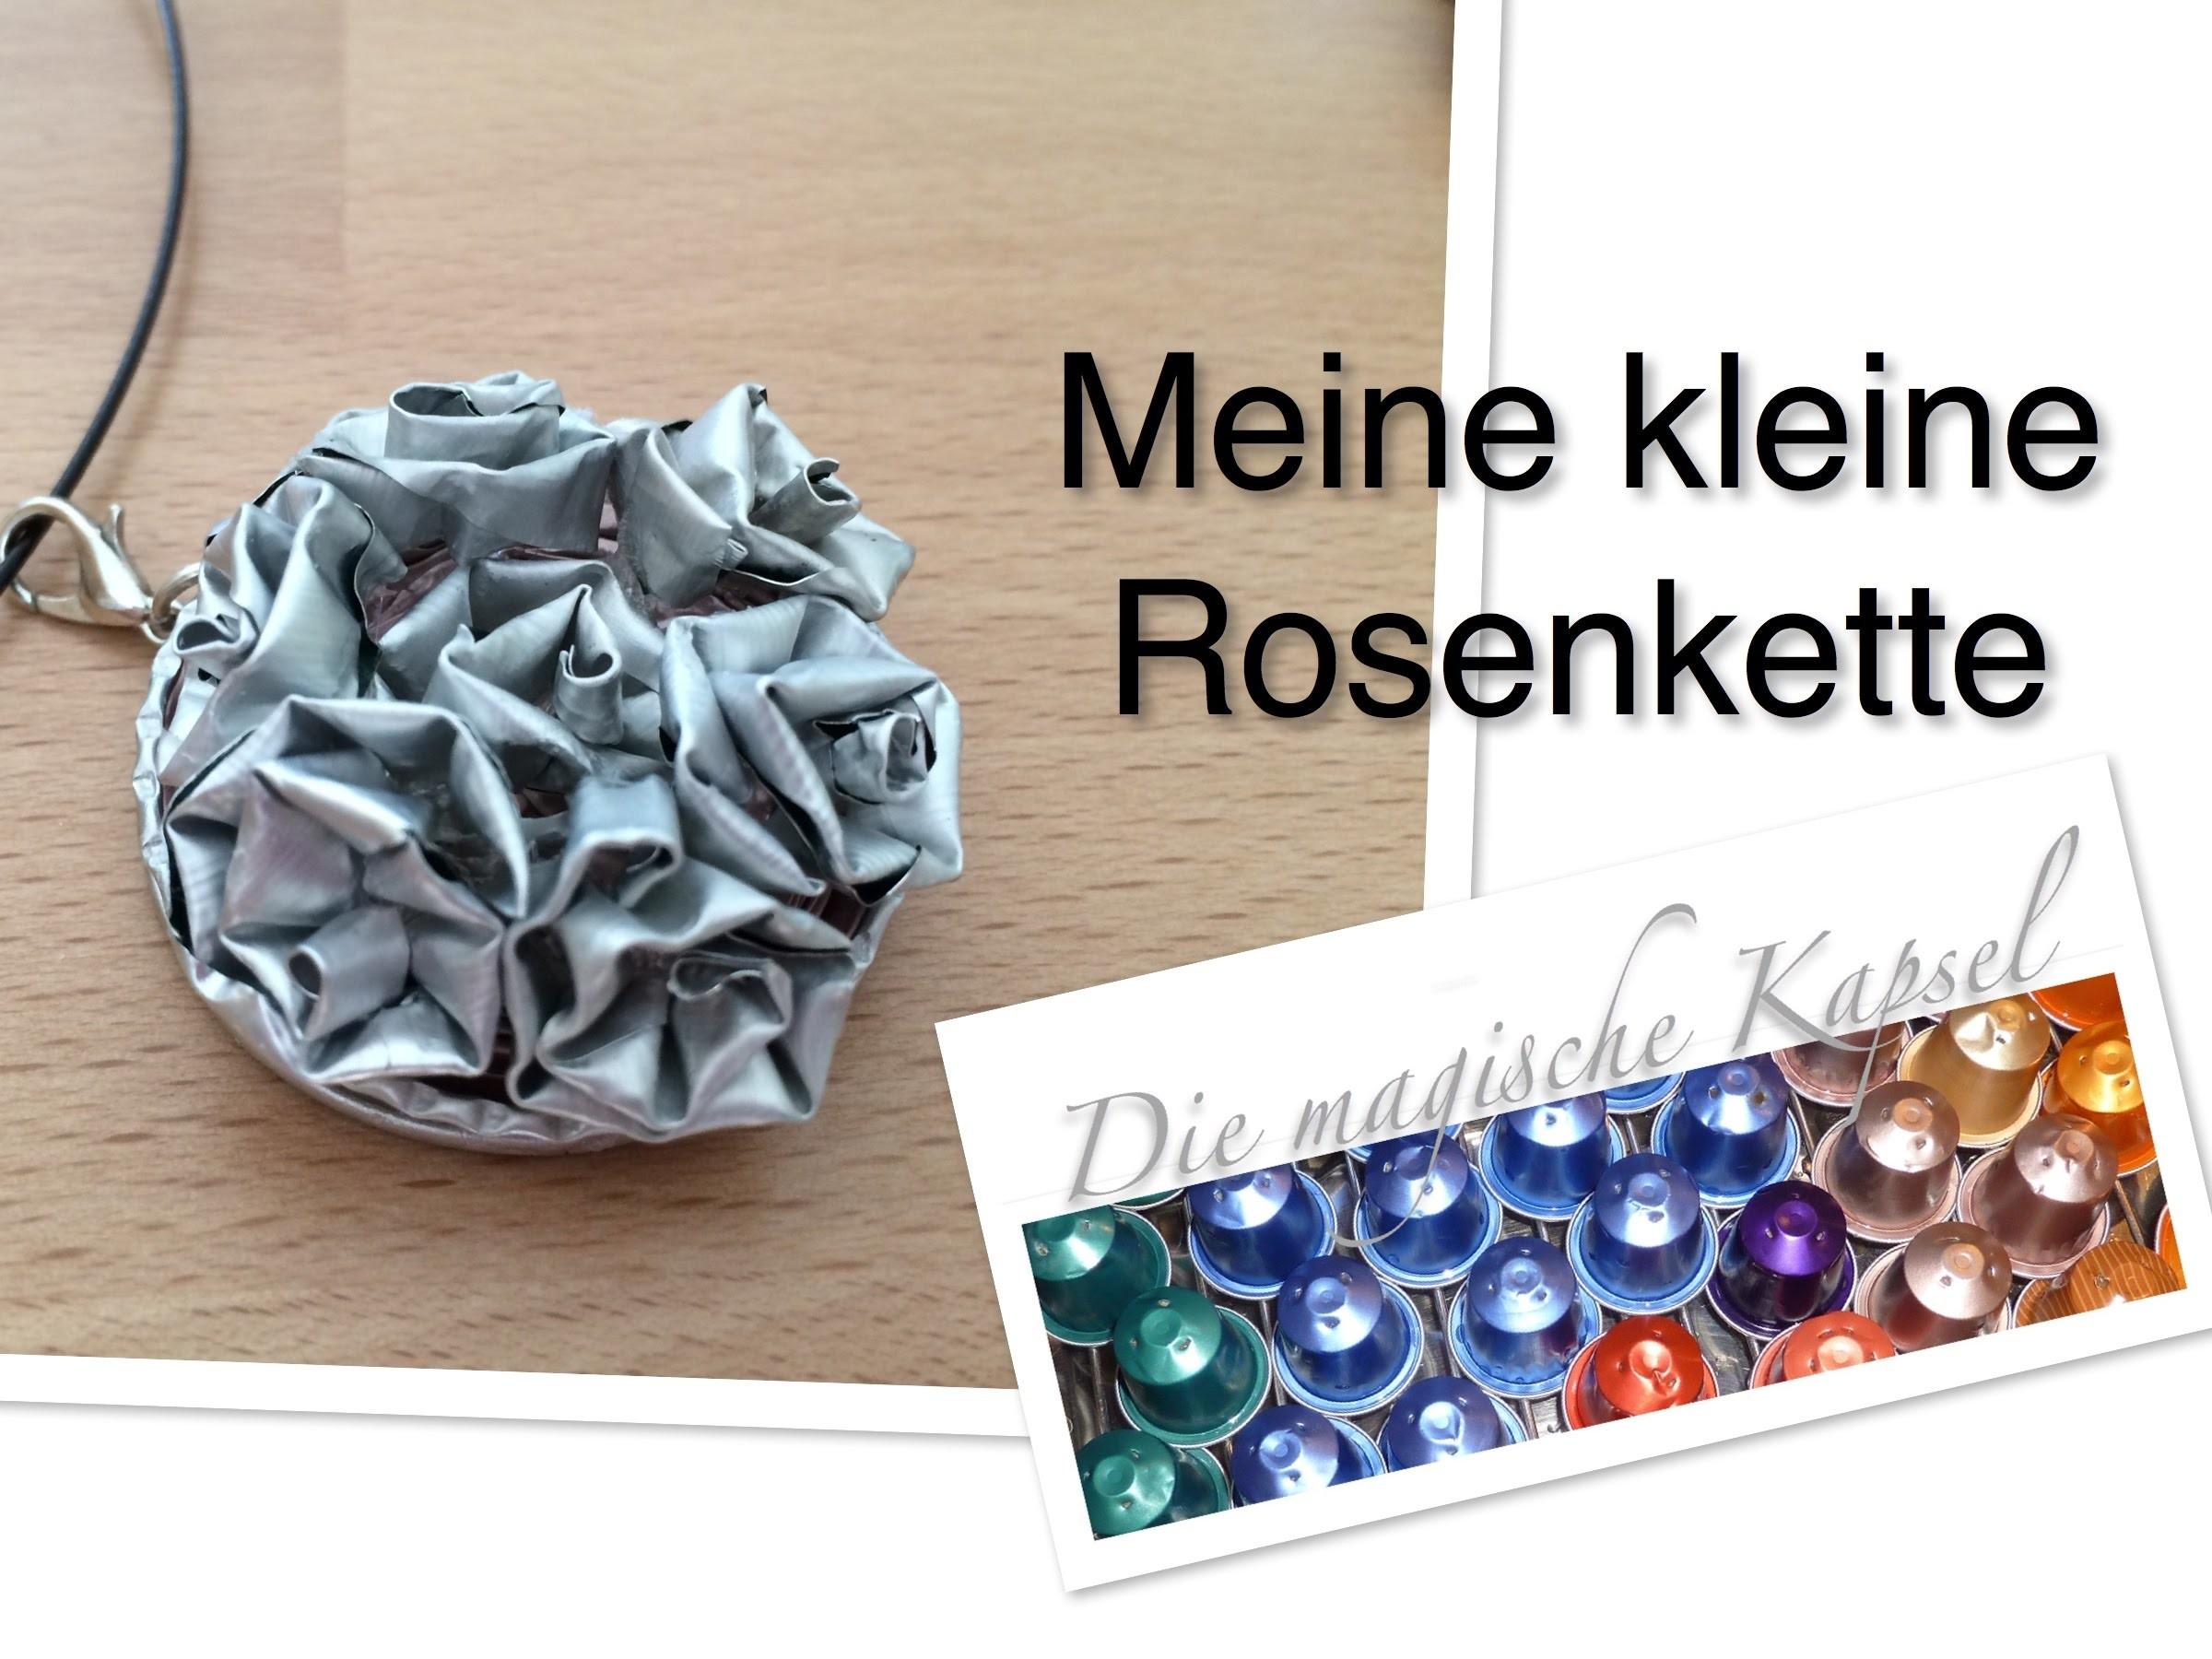 Nespresso Kapsel Schmuck Anleitung - meine kleine Rosenkette - die magische (Kaffee)-Kapsel